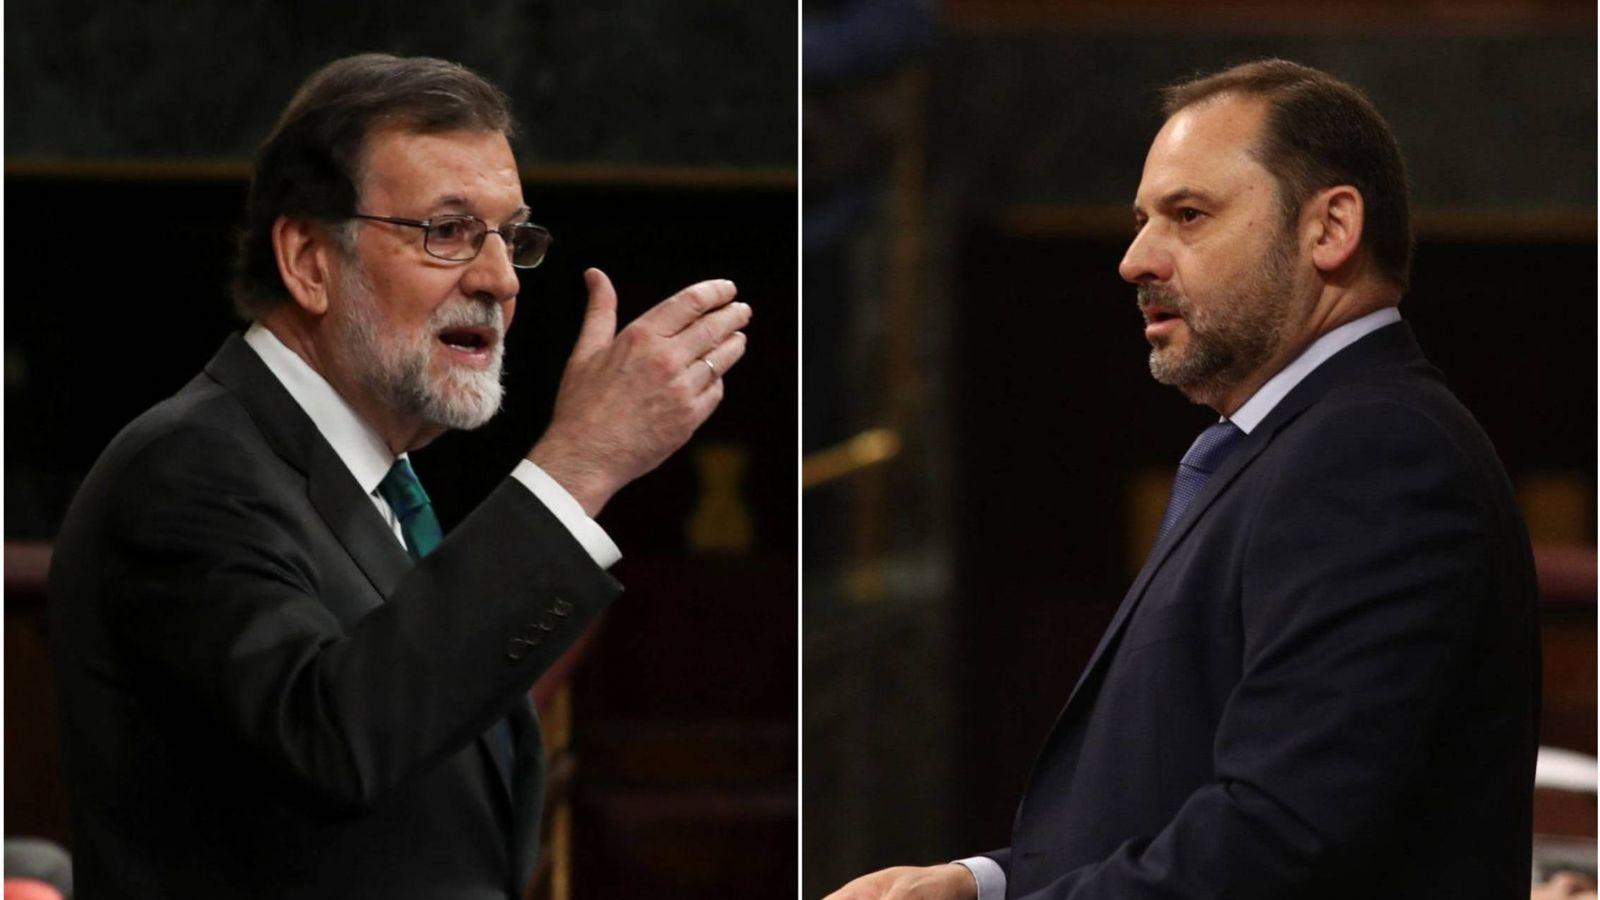 Foto: Mariano Rajoy y José Luis Ábalos durante la moción de censura   Reuters/Cordon